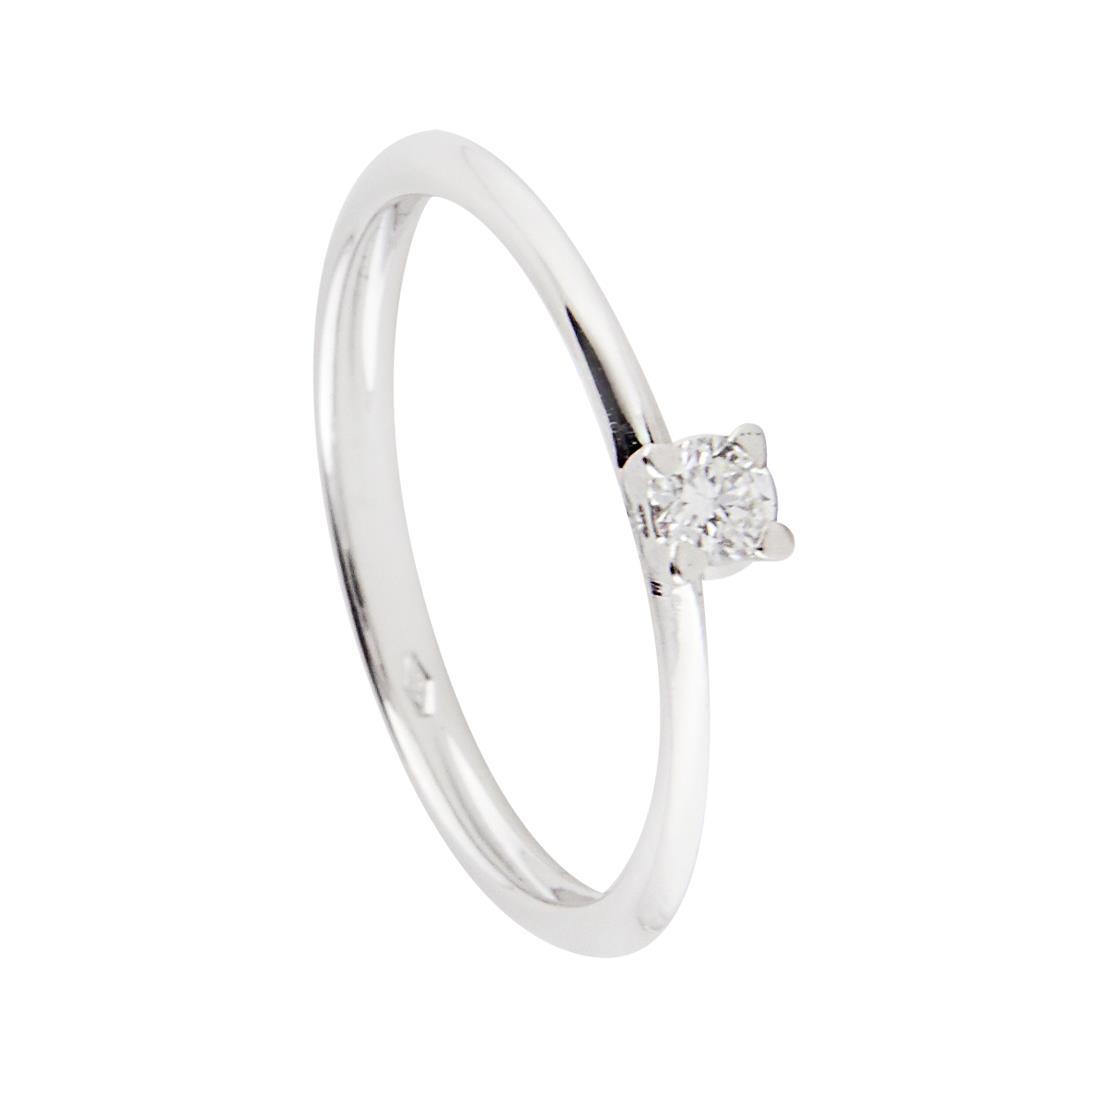 Anello solitario in oro bianco con diamante ct 0,10, mis 14 - ORO&CO